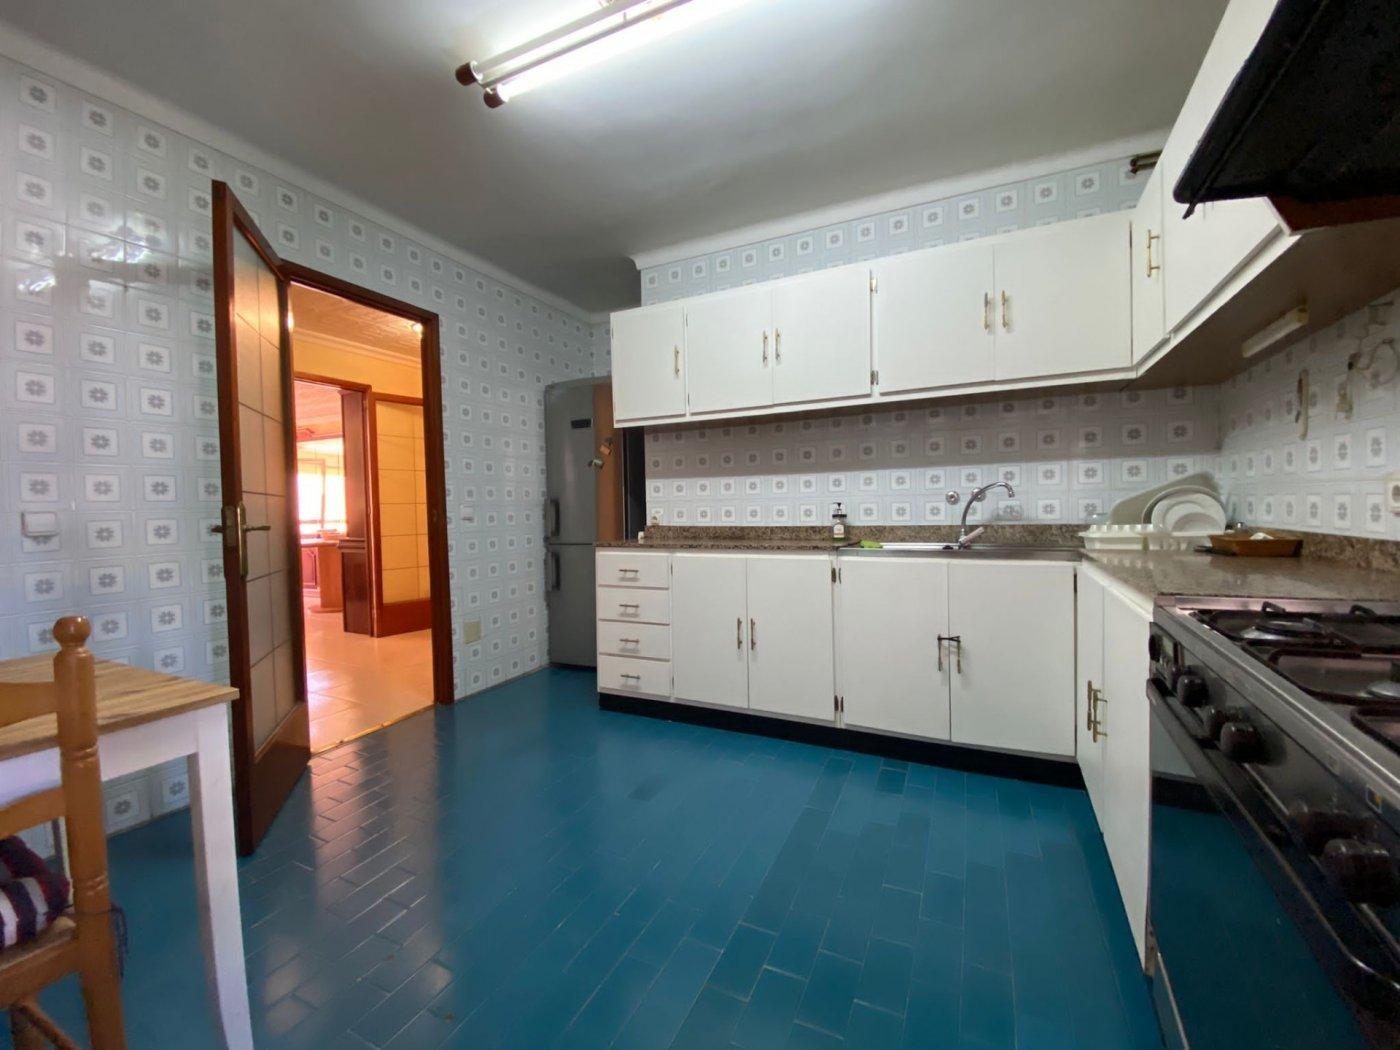 Señorial piso en palma, posibilidad alquiler con opción a compra - imagenInmueble6